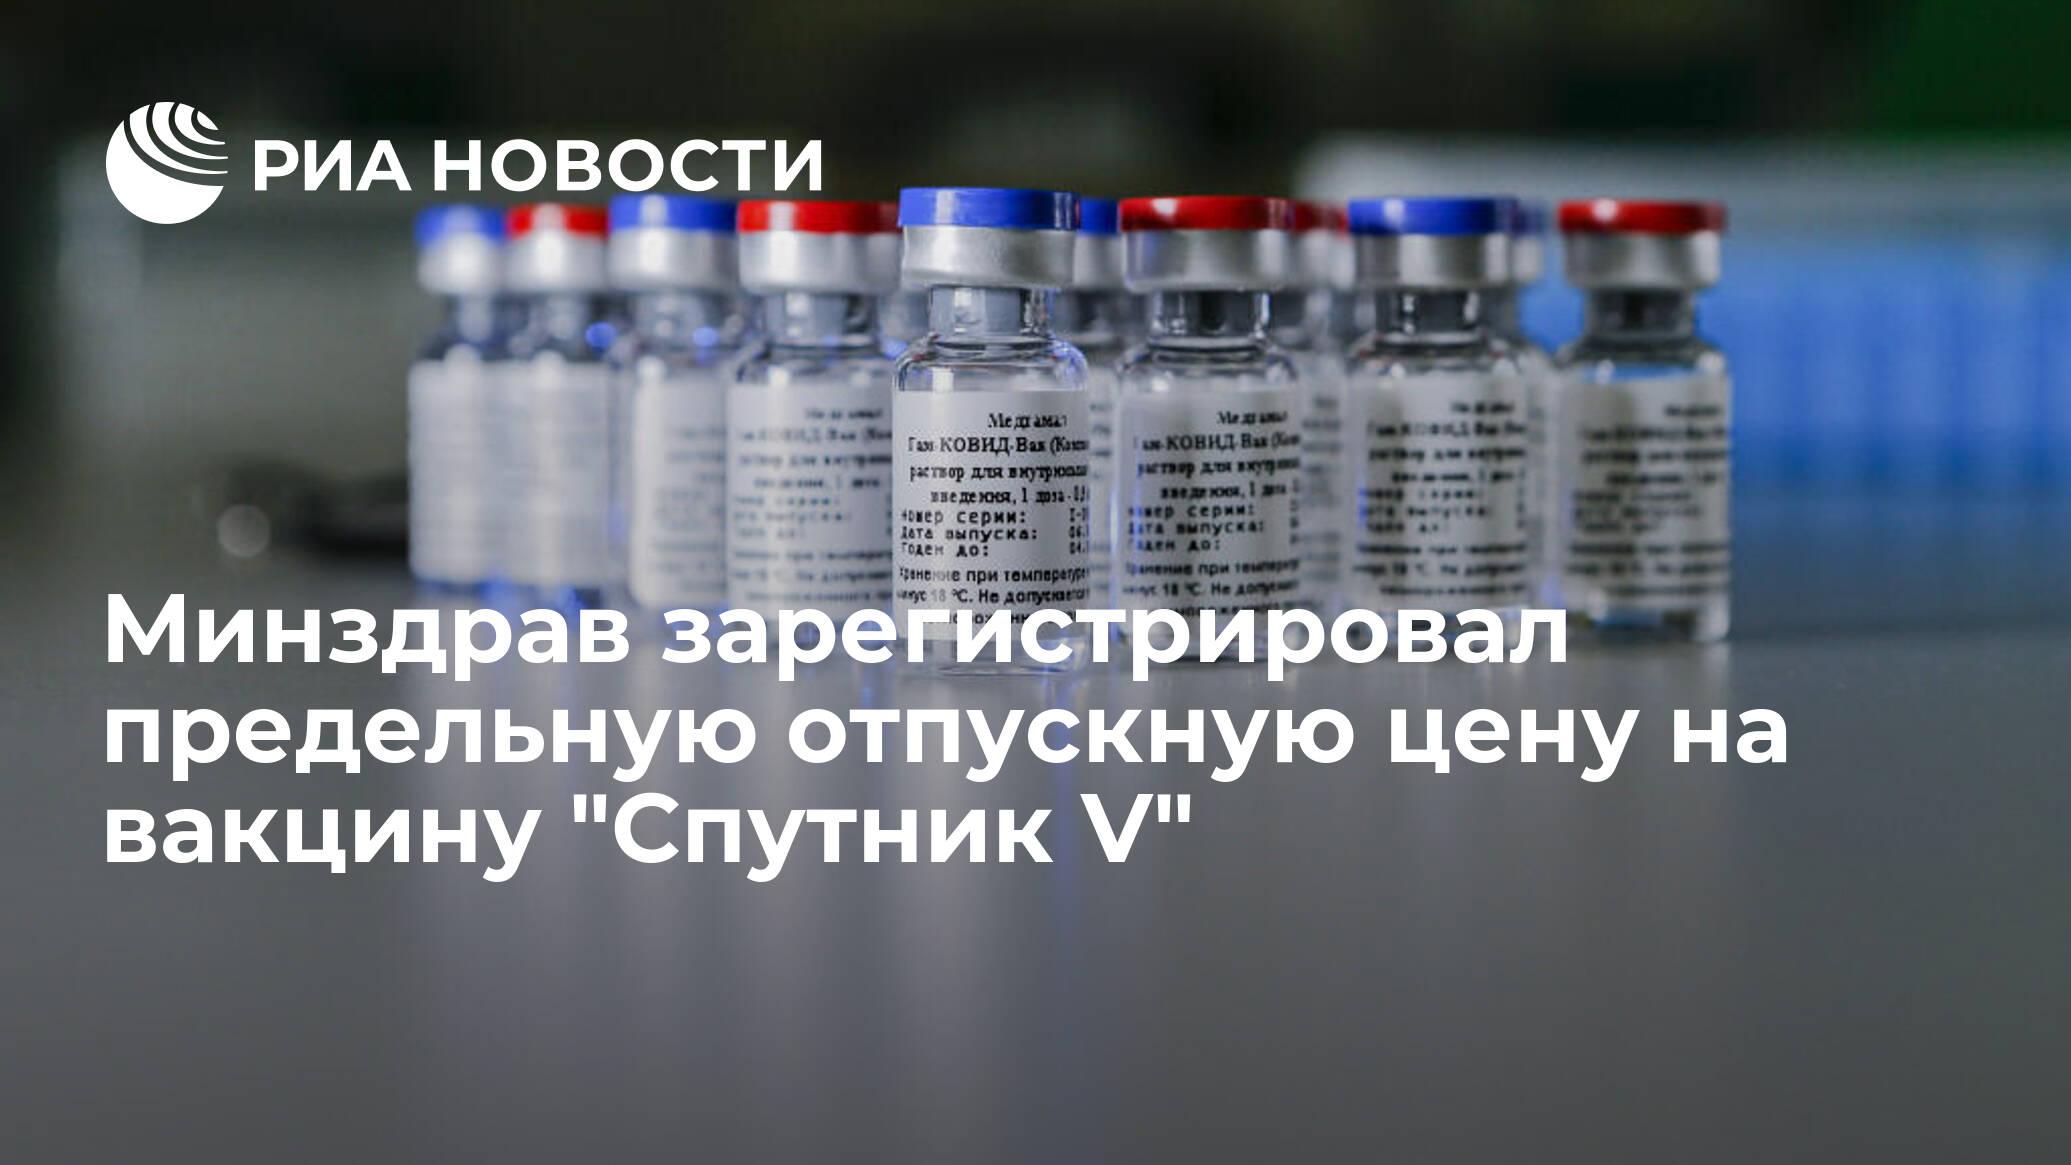 """Минздрав зарегистрировал предельную отпускную цену на вакцину """"Спутник V"""" - РИА Новости, 05.12.2020"""